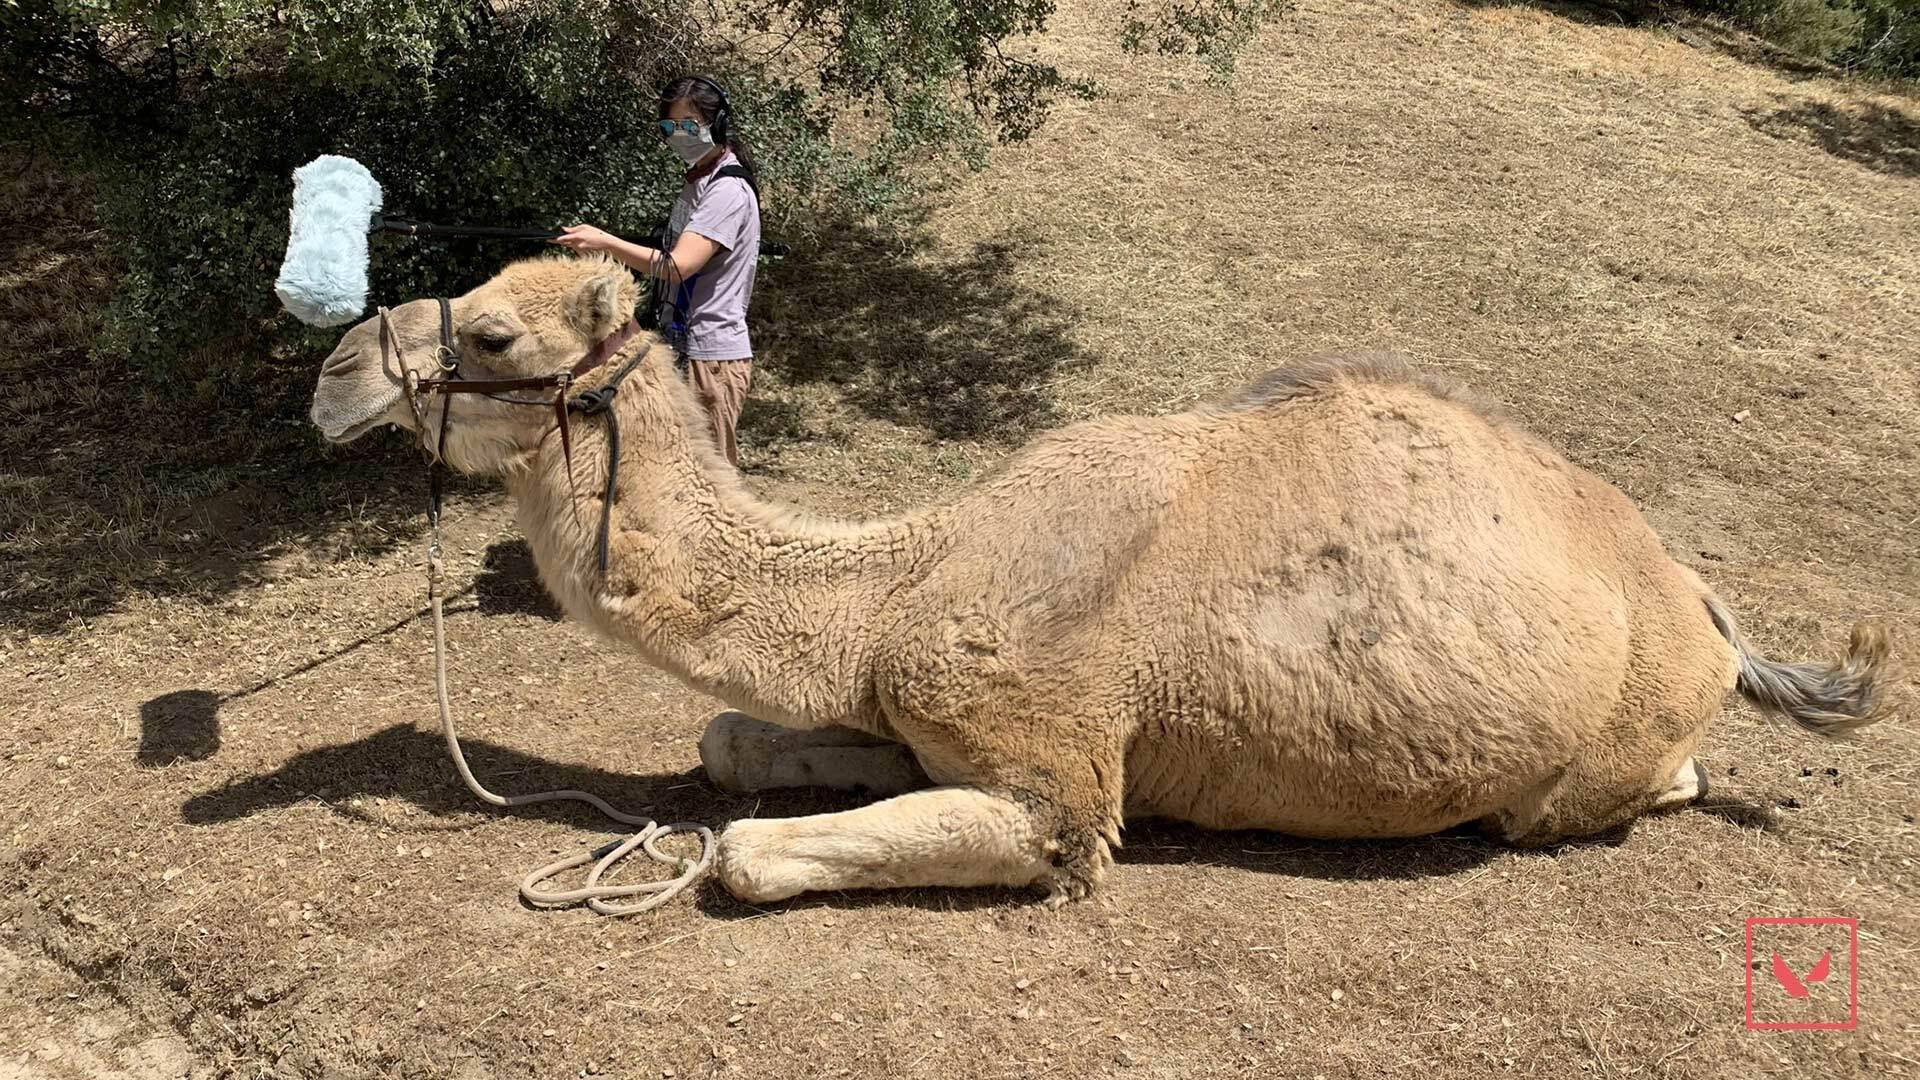 Grabando el sonido de un camello. Fuente: Riot Games